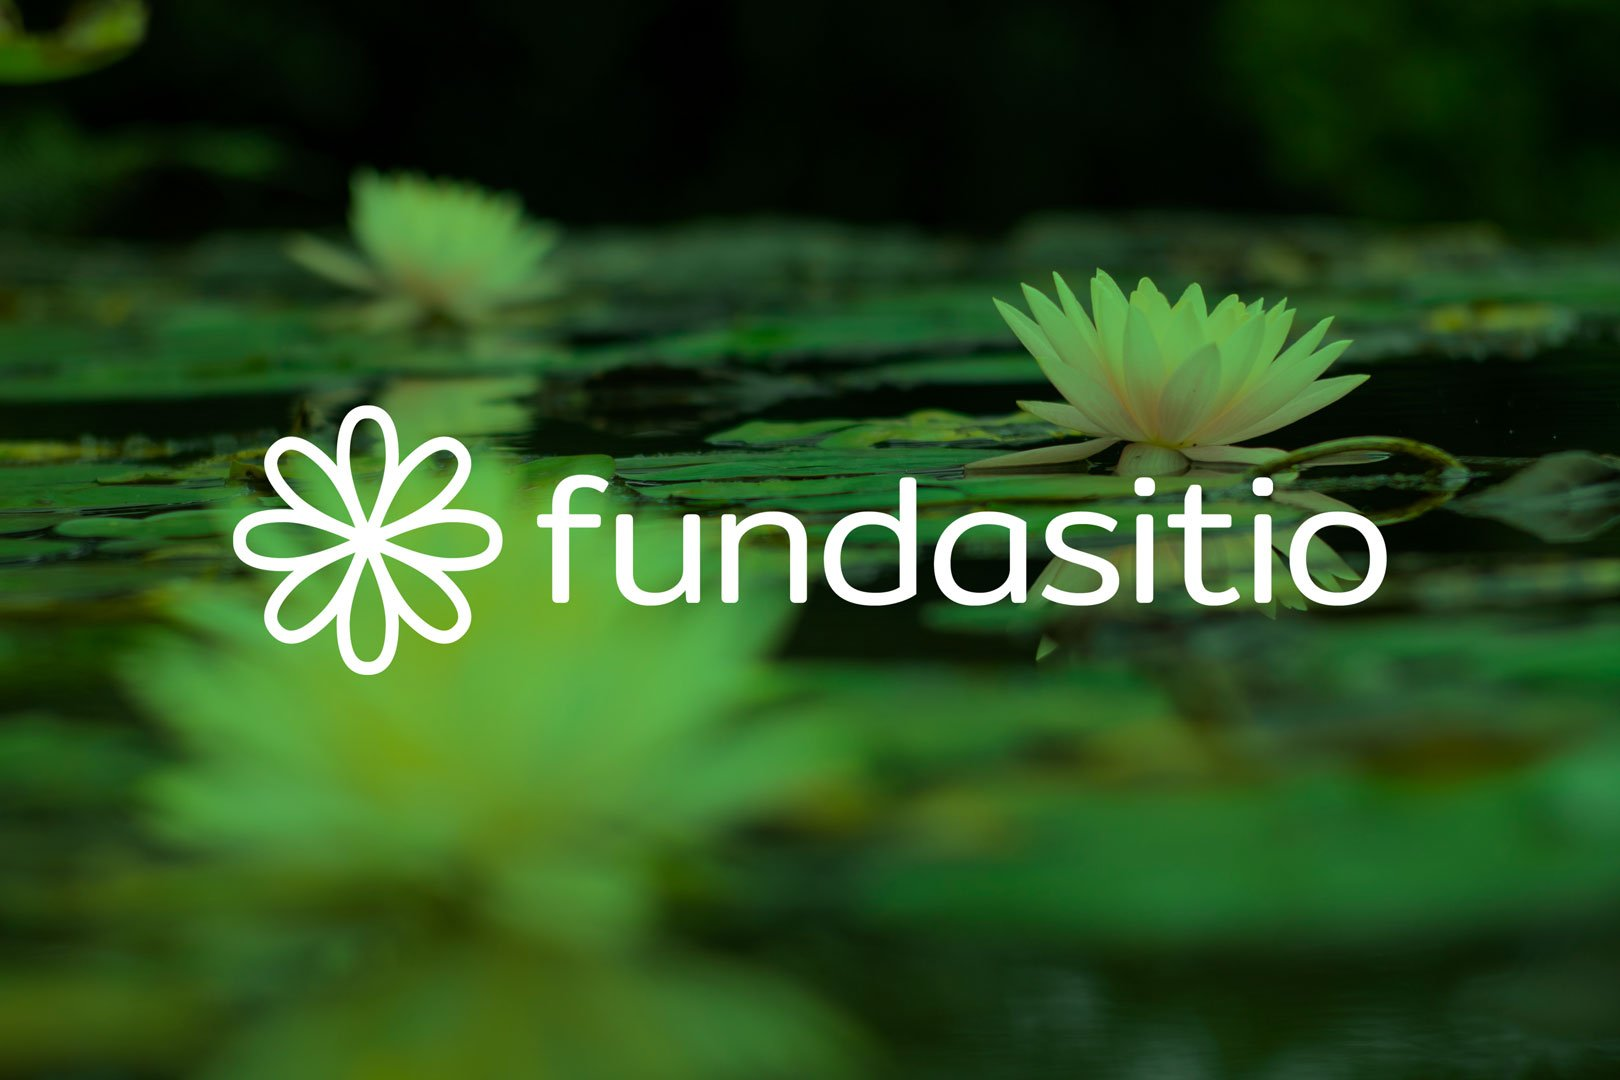 Fundasitio y su flor de loto significan sonrisas y esperanzas